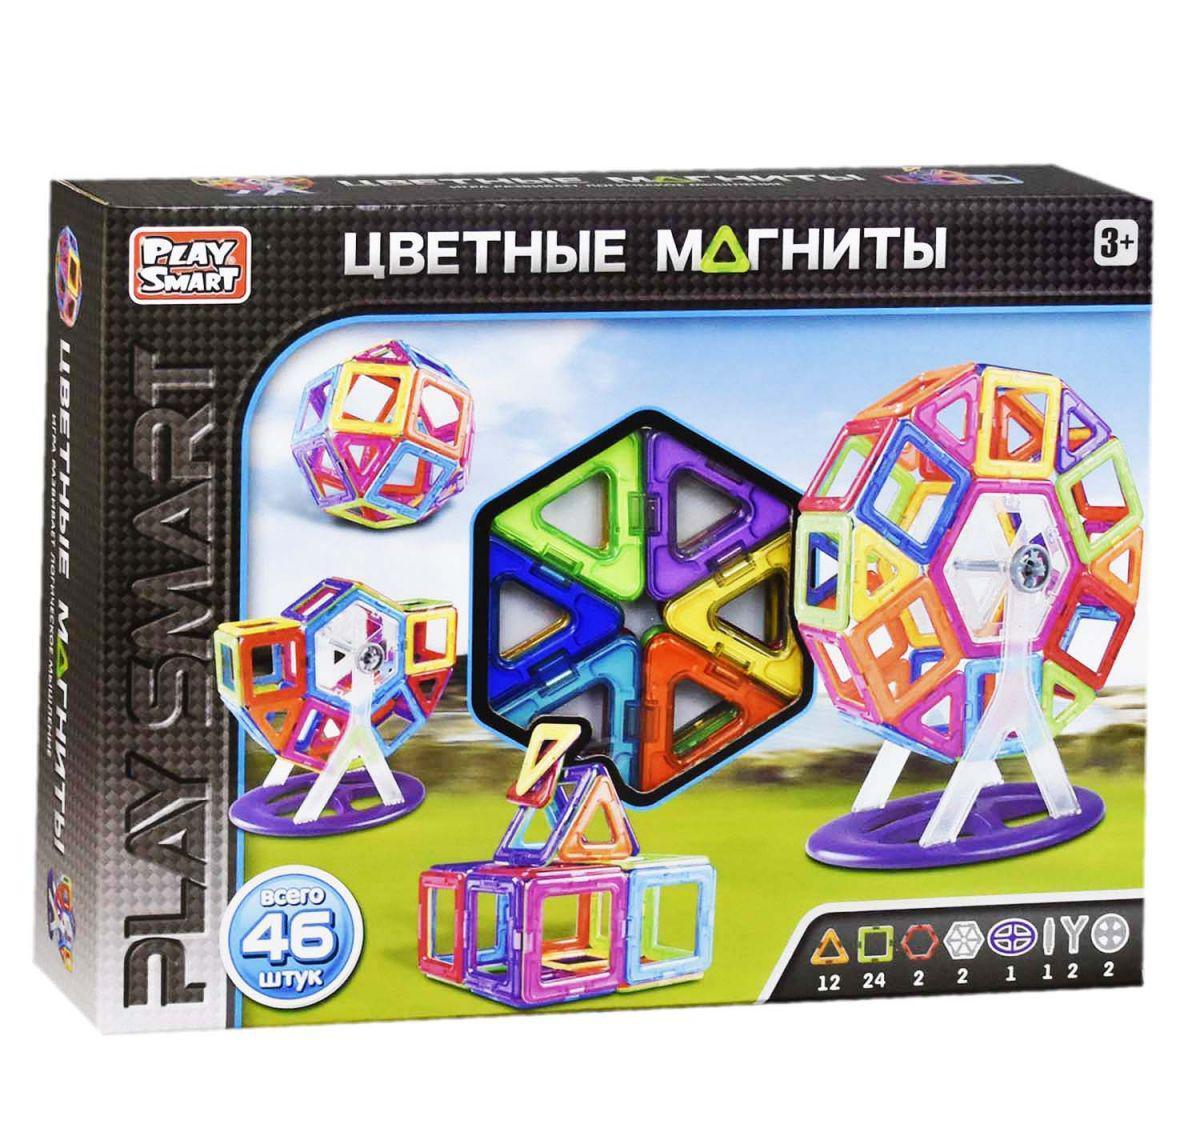 Дитячий магнітний конструктор Play Smart 2430 46 деталей